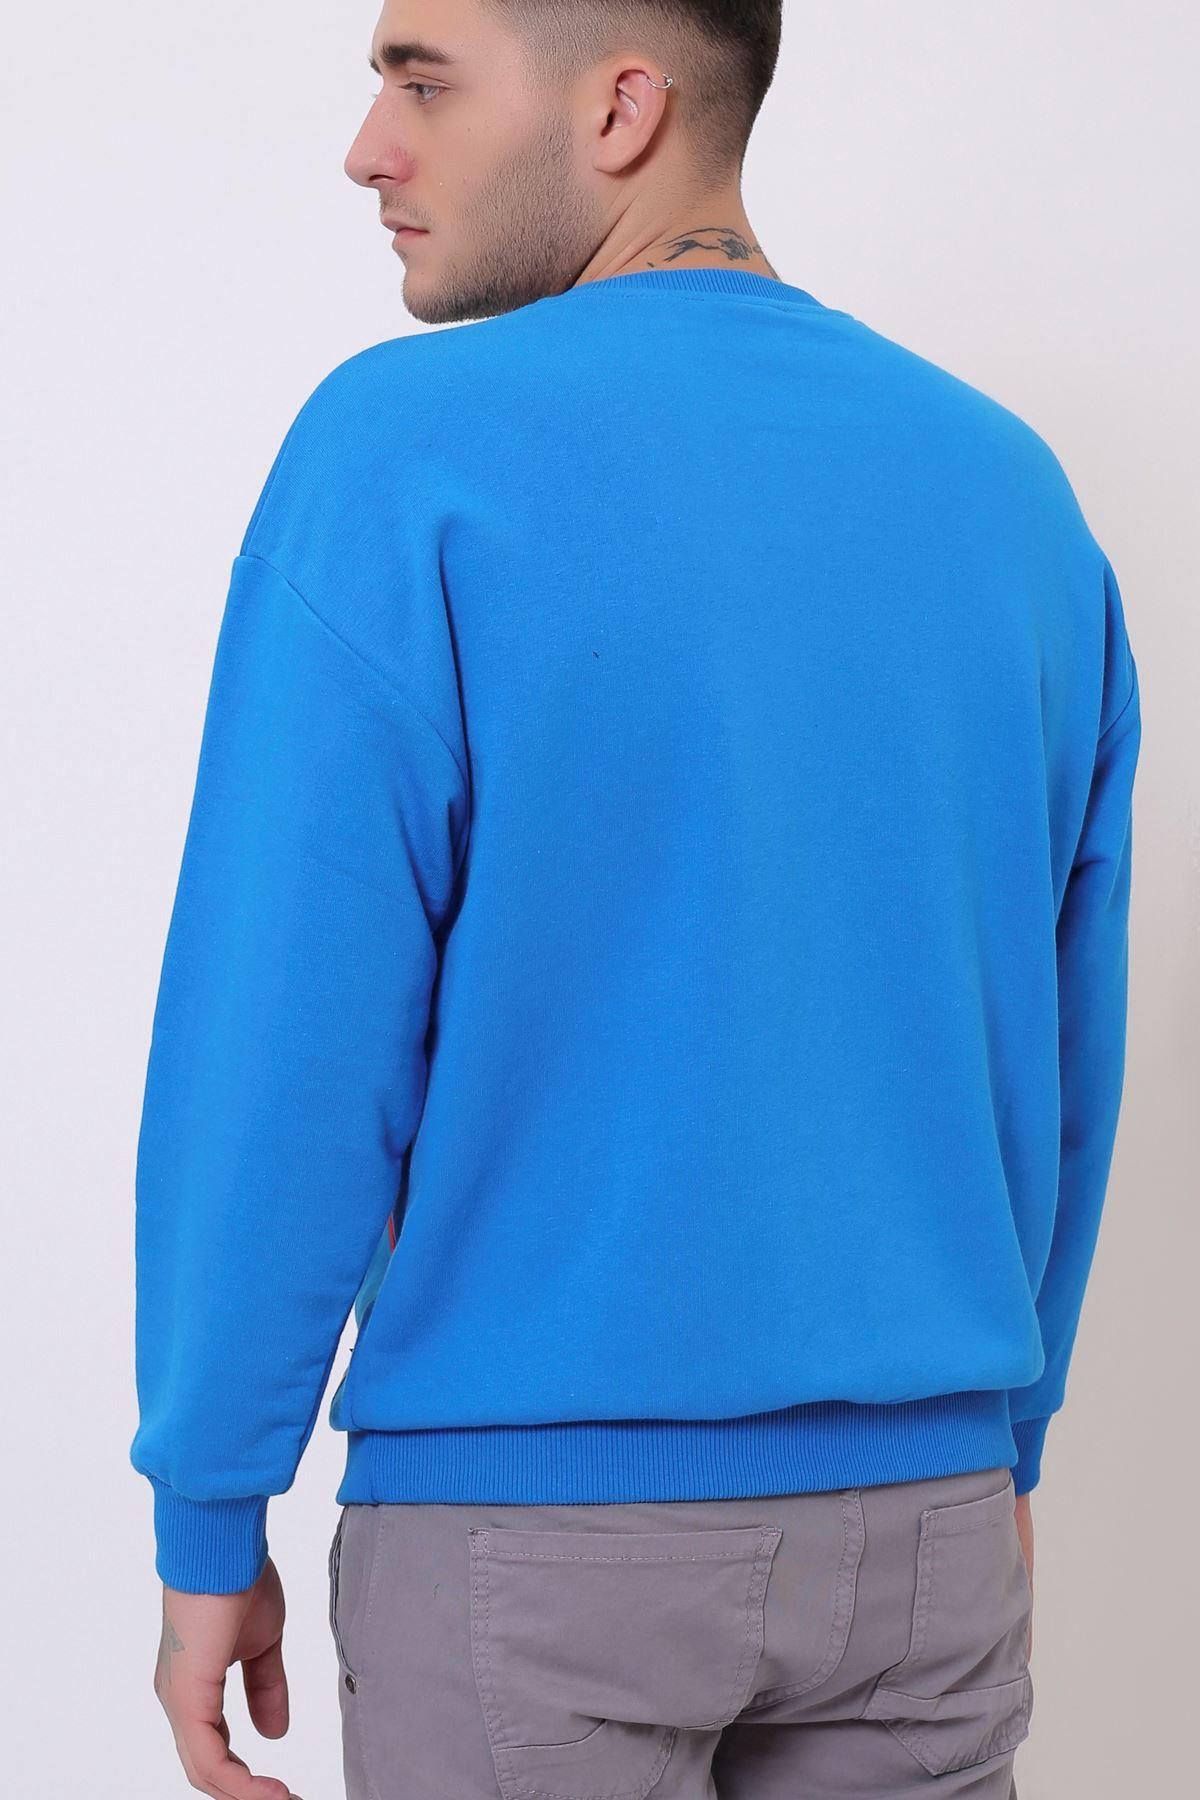 Mavi Erkek Nakış Baskılı Bisiklet Yaka Sweatshirt